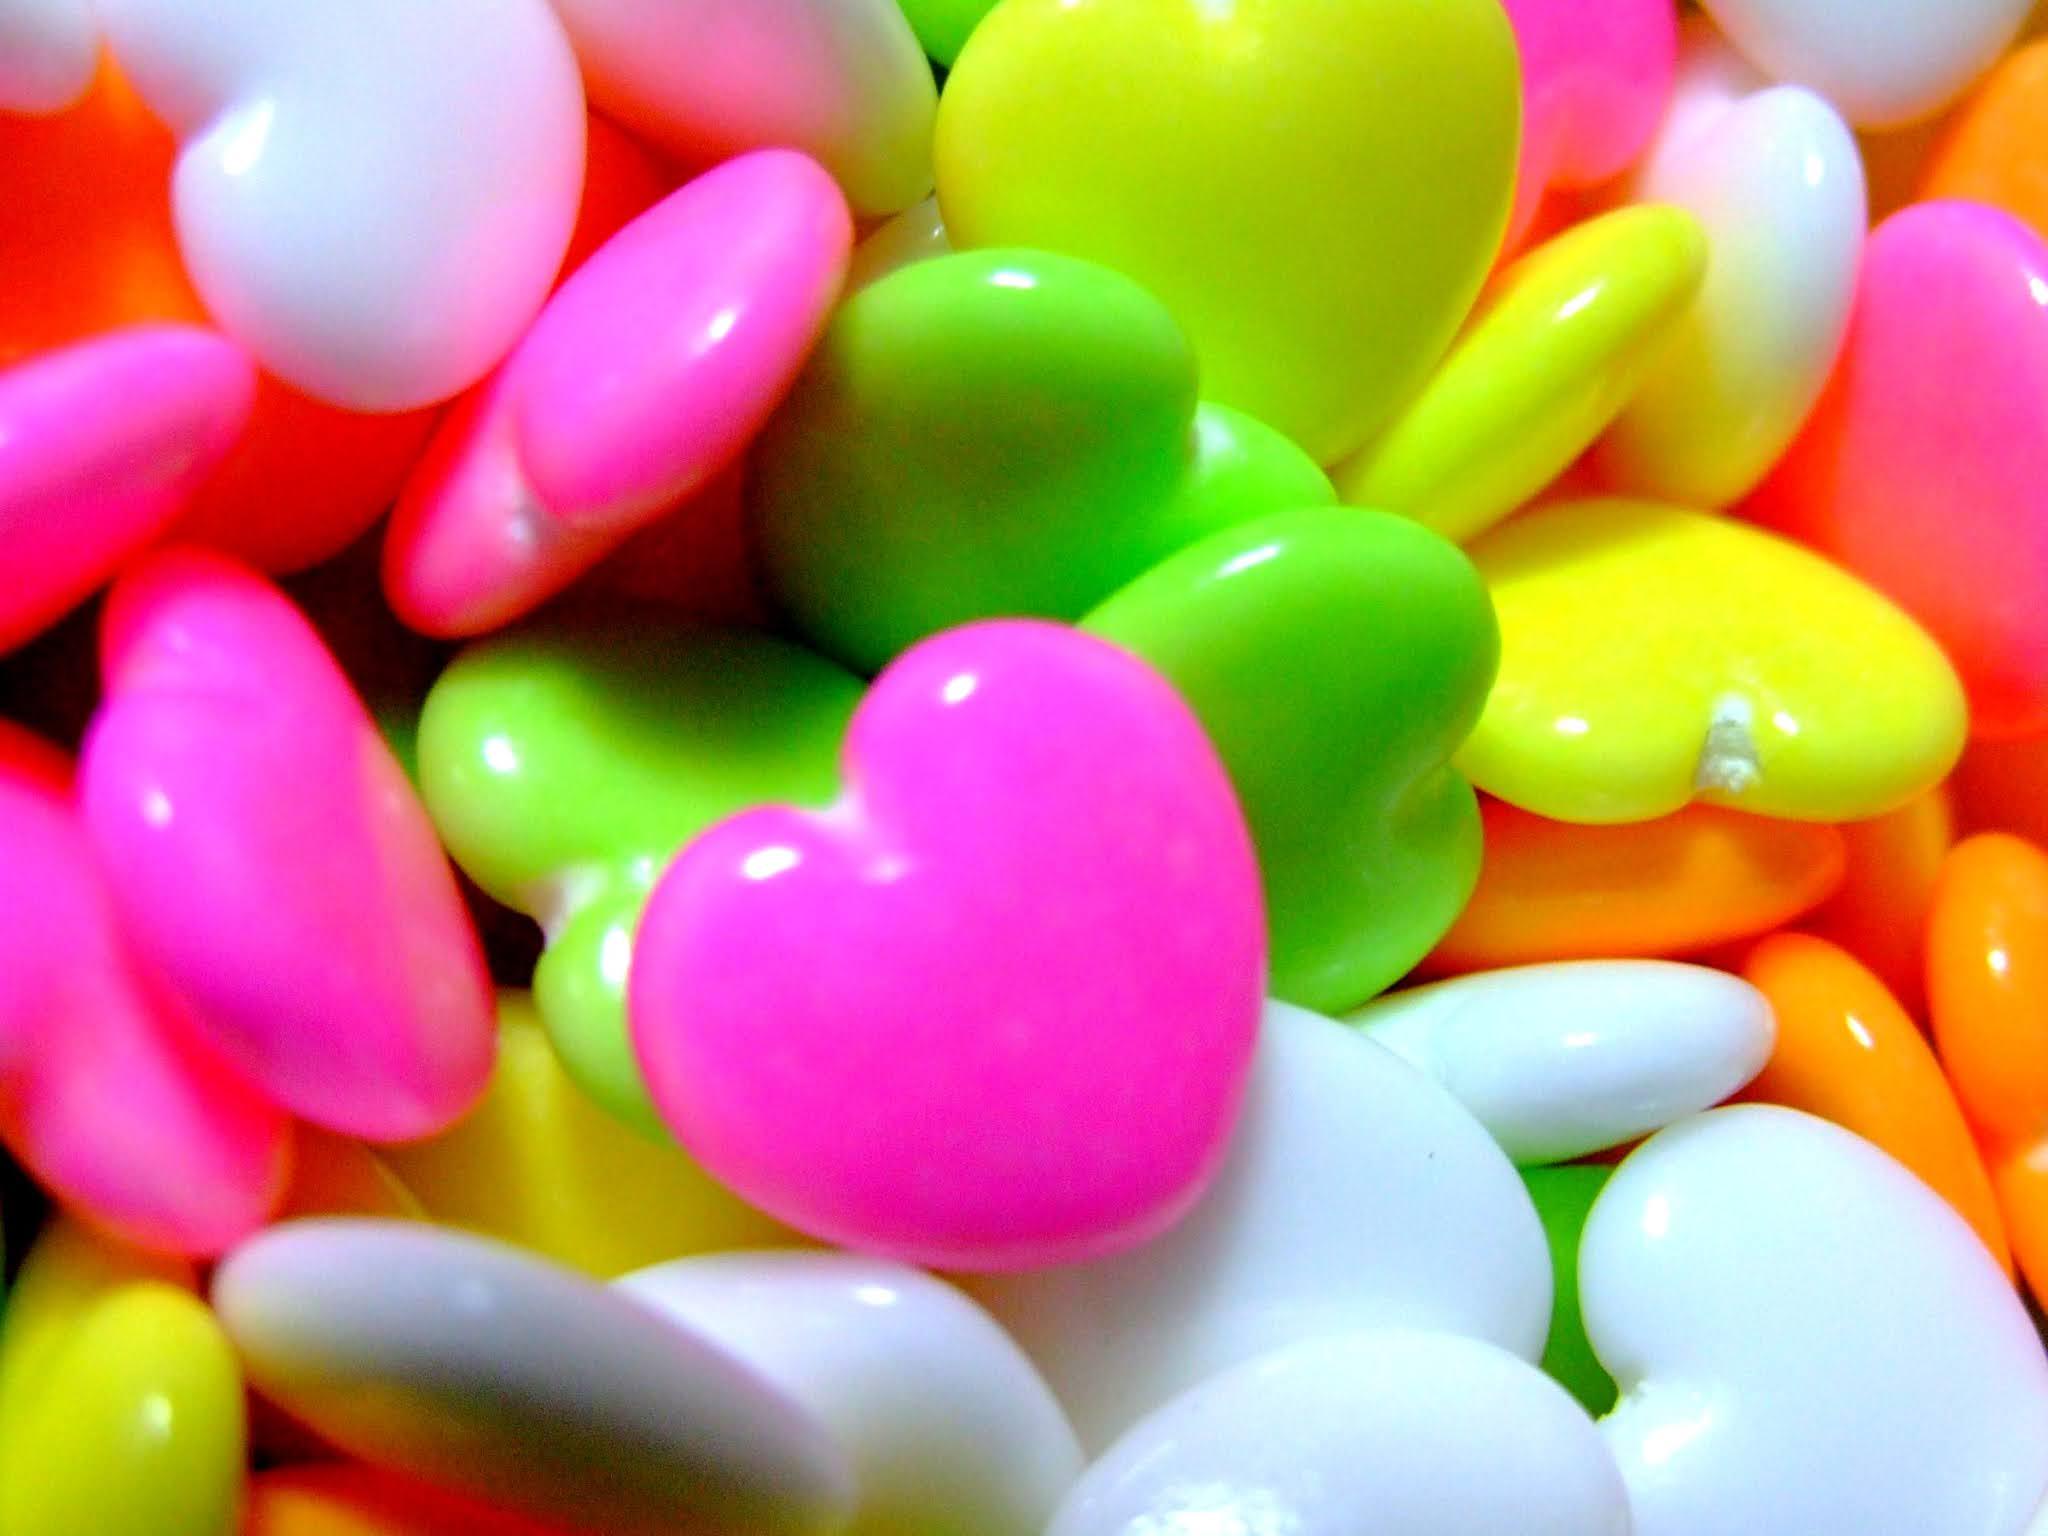 つやっつやのハートが可愛い、糖衣ラムネ菓子の写真素材です。蛍光色のビタミンカラーに元気が貰えそうですよね。